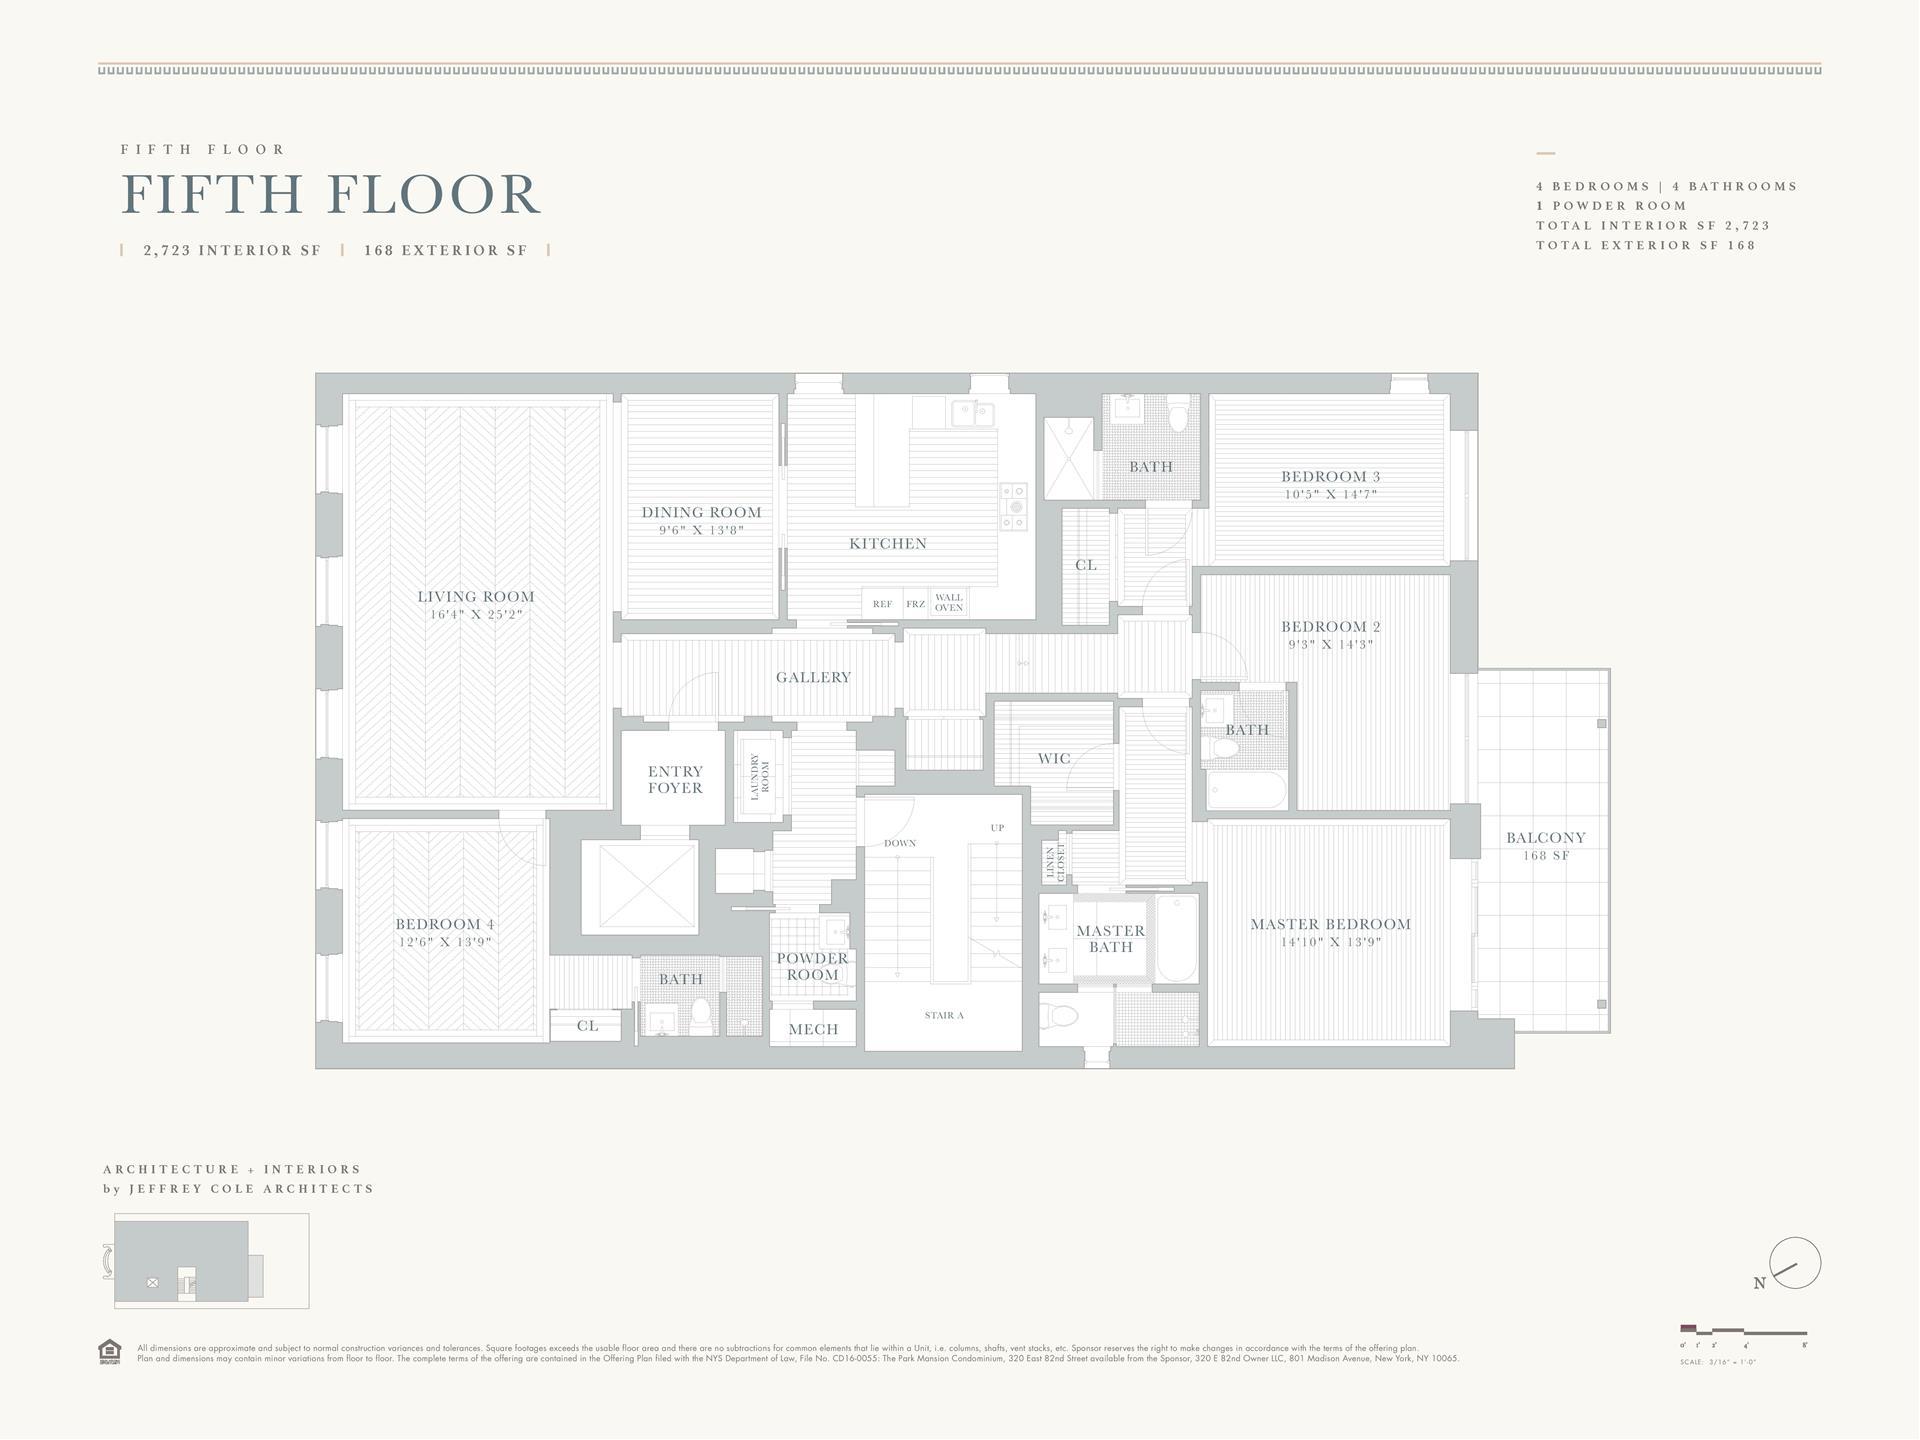 Floor plan of 320 East 82nd St, 5 - Upper East Side, New York